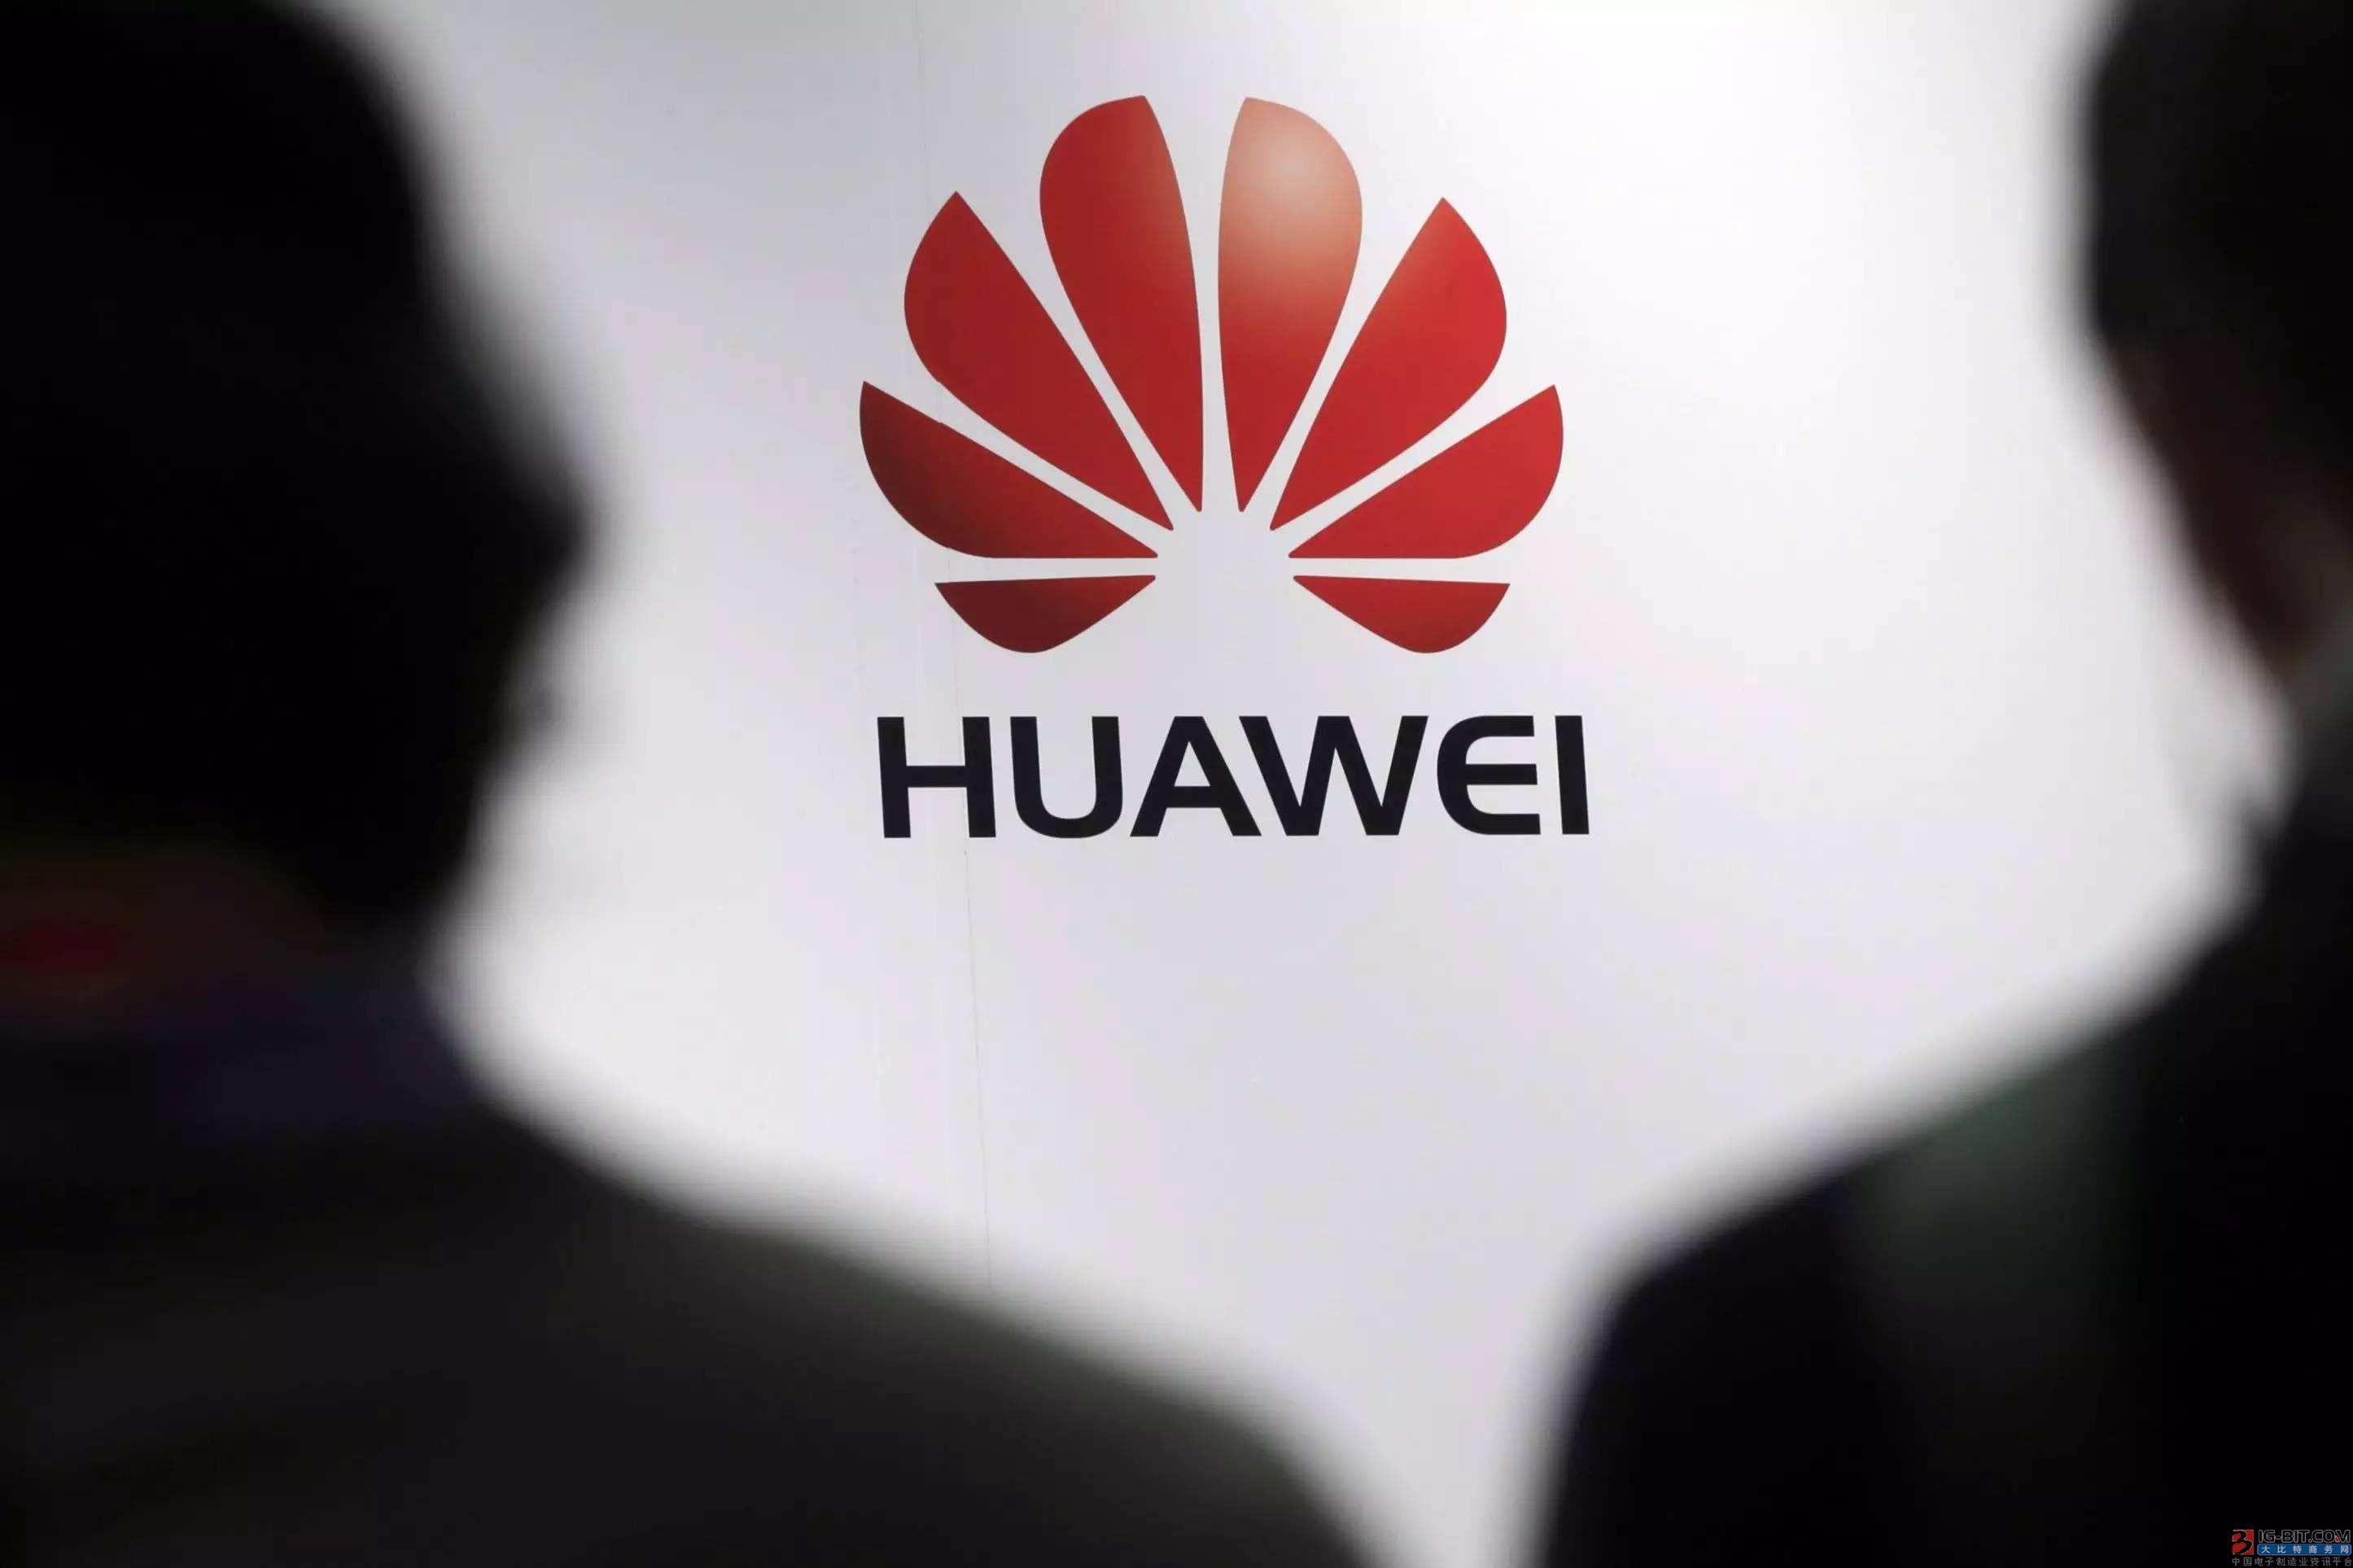 华为成全球第二大手机公司 国产供应链厂商谁最受益